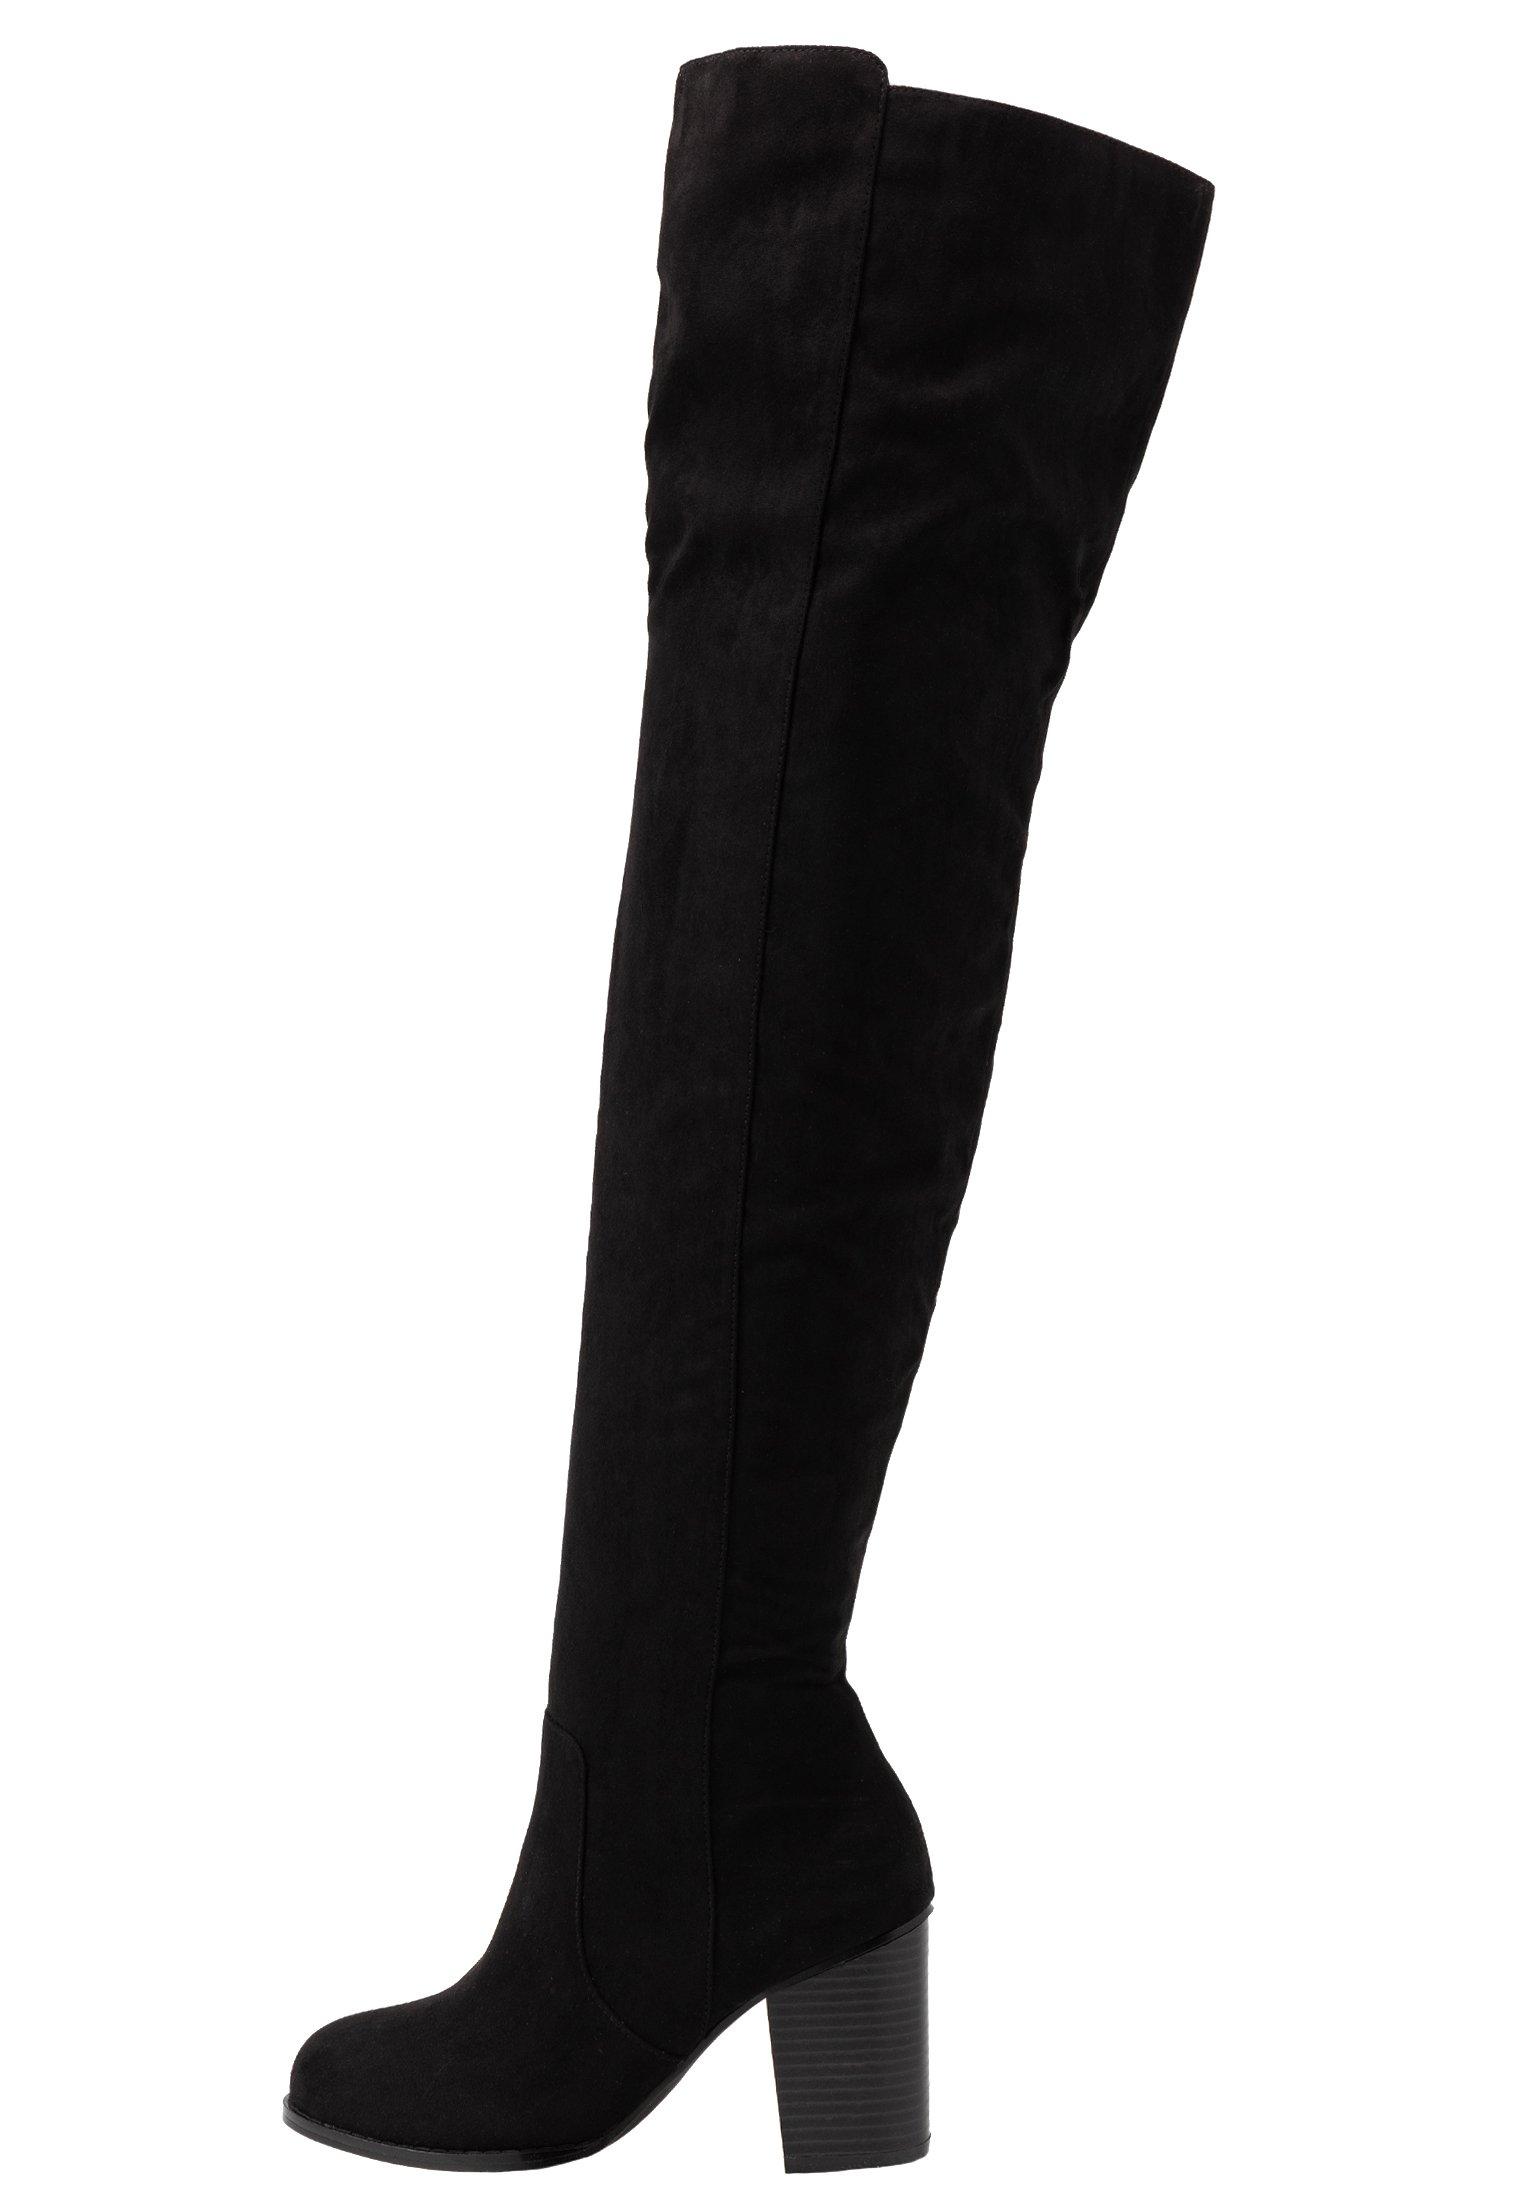 THIGH HIGH WOOD HEEL Overknee laarzen black